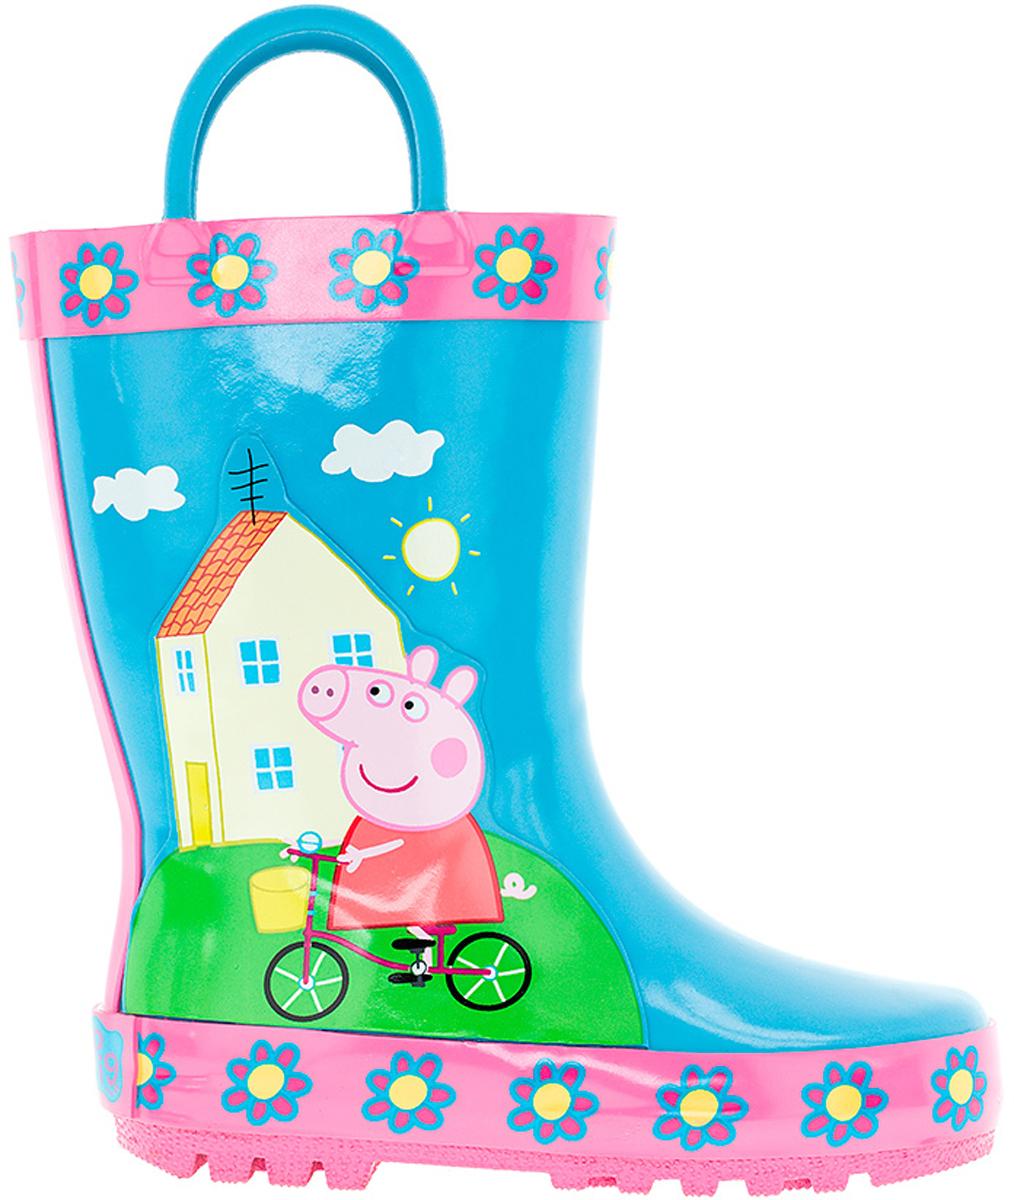 Резиновые сапоги6752BМодные резиновые сапоги от Kakadu - идеальная обувь в дождливую погоду для вашей девочки. Модель оформлена красочным изображением Свинки Пеппы на велосипеде. Для удобства обувания на голенище предусмотрены специальные ручки. Внутренняя поверхность и стелька из хлопка способствуют поддержанию тепла и комфортны при ходьбе. Подошва с протектором гарантирует отличное сцепление с любой поверхностью. Резиновые сапоги - необходимая вещь в гардеробе каждого ребенка